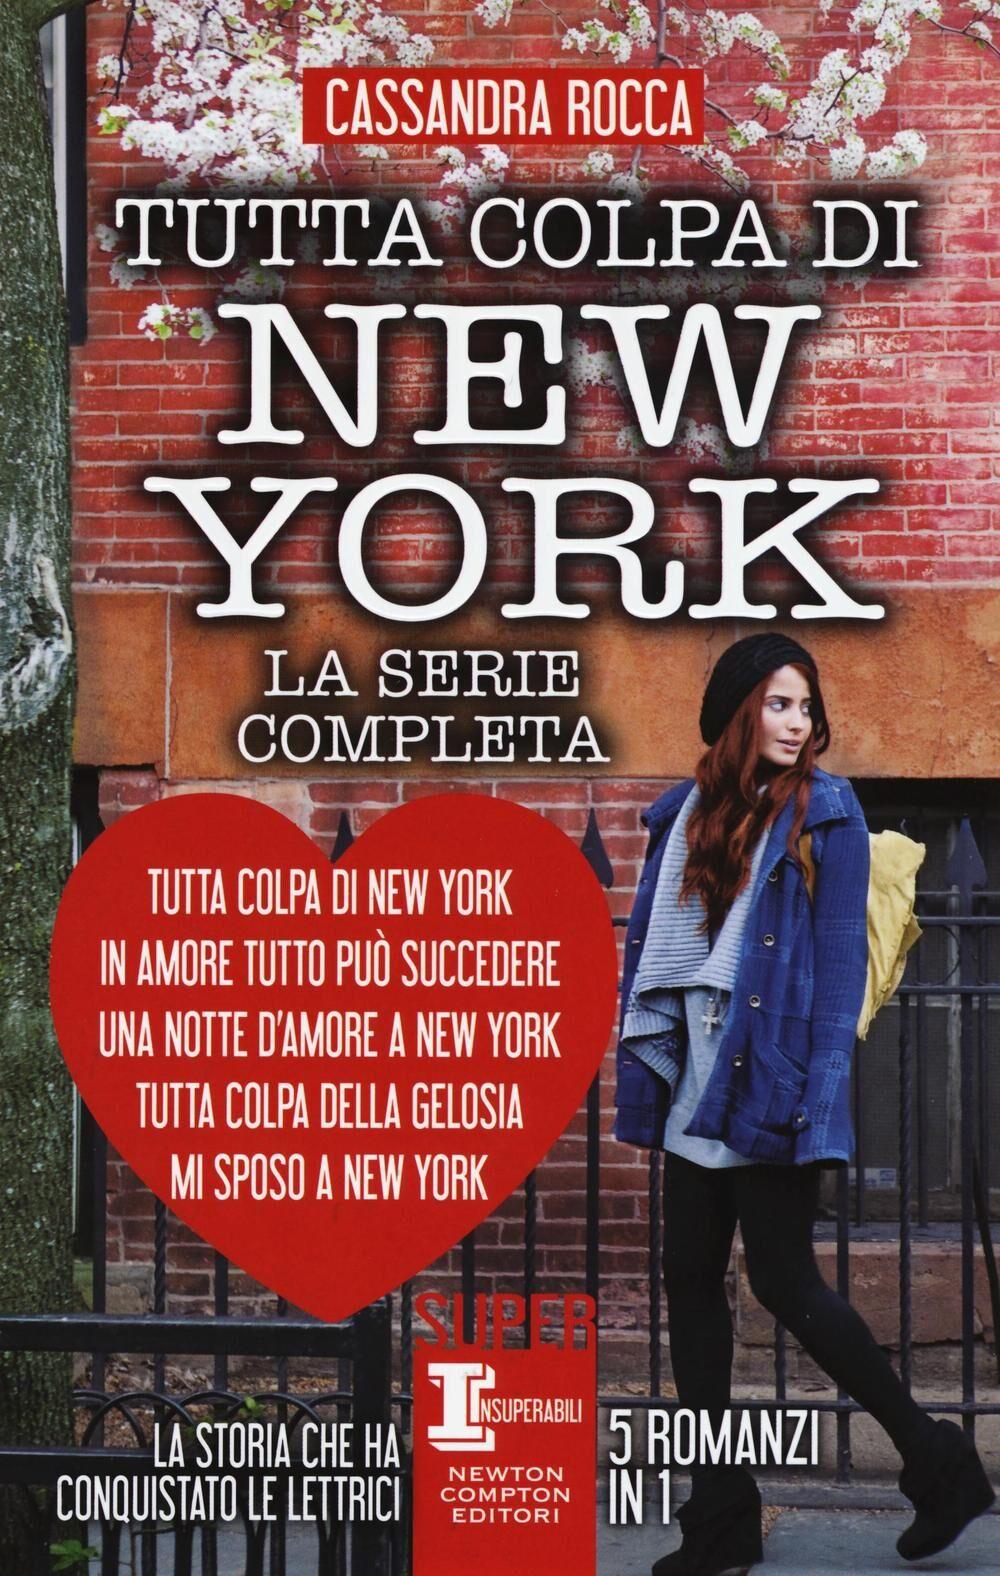 Tutta colpa di New York-In amore tutto può succedere-Una notte d'amore a New York-Tutta colpa della gelosia-Mi sposo a New York